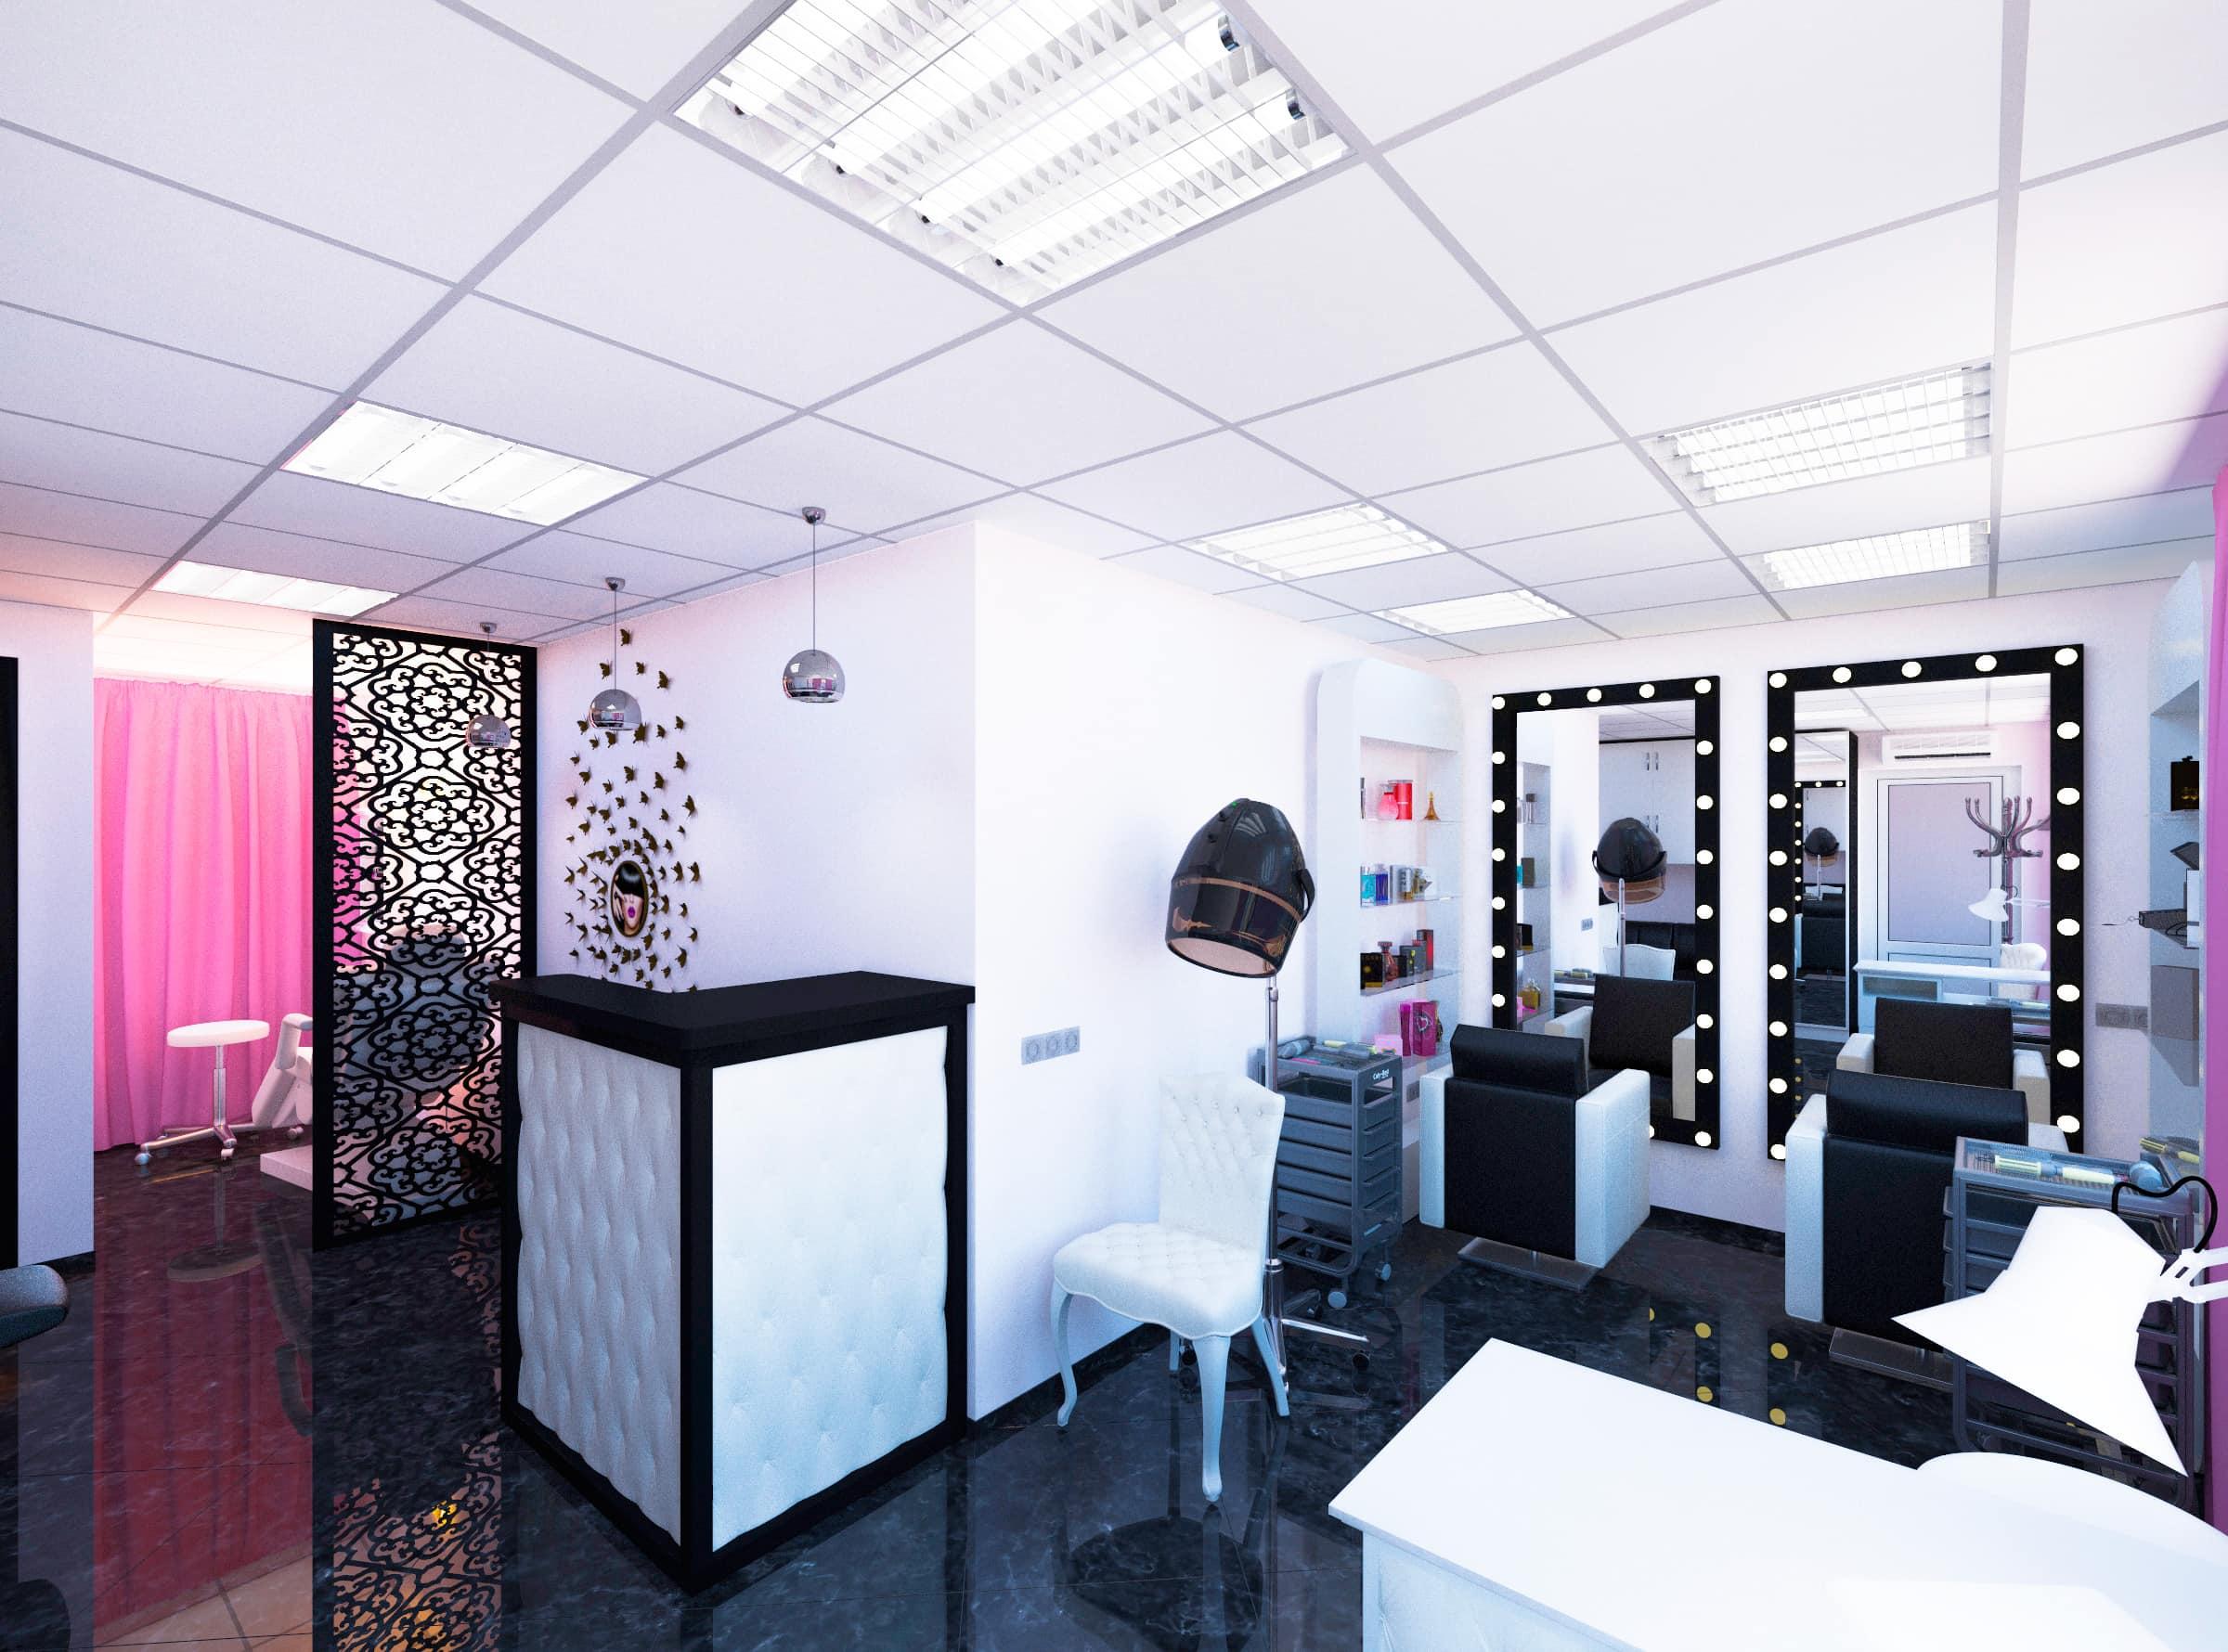 интерьер салона красоты, декоративные резные перегородки, барная стойка с каретной стяжкой, стеллаж в форме айфона